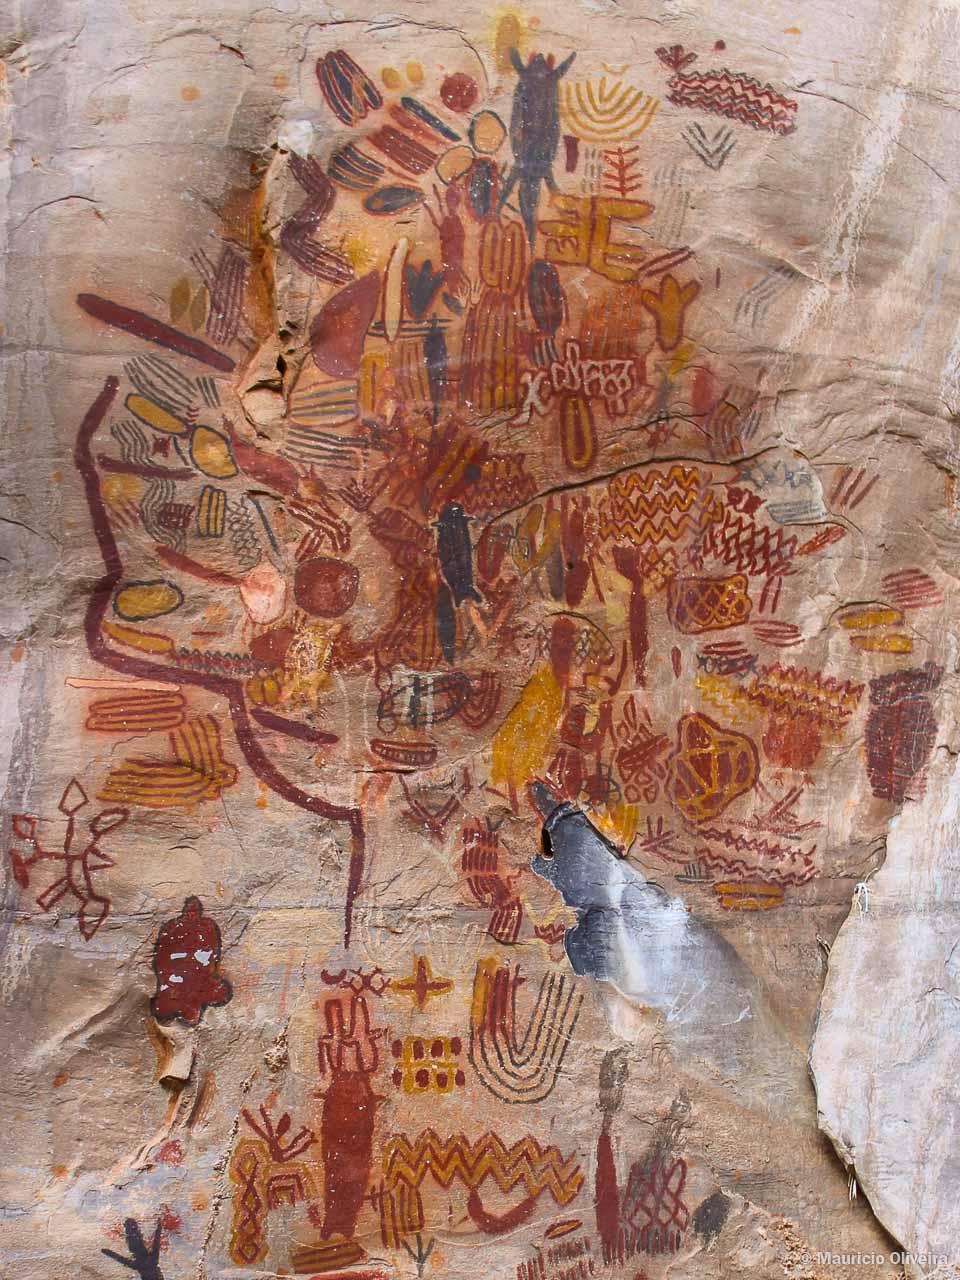 Obra de arte na Lapa dos Desenhos, no Parque Nacional Cavernas do Peruaçu